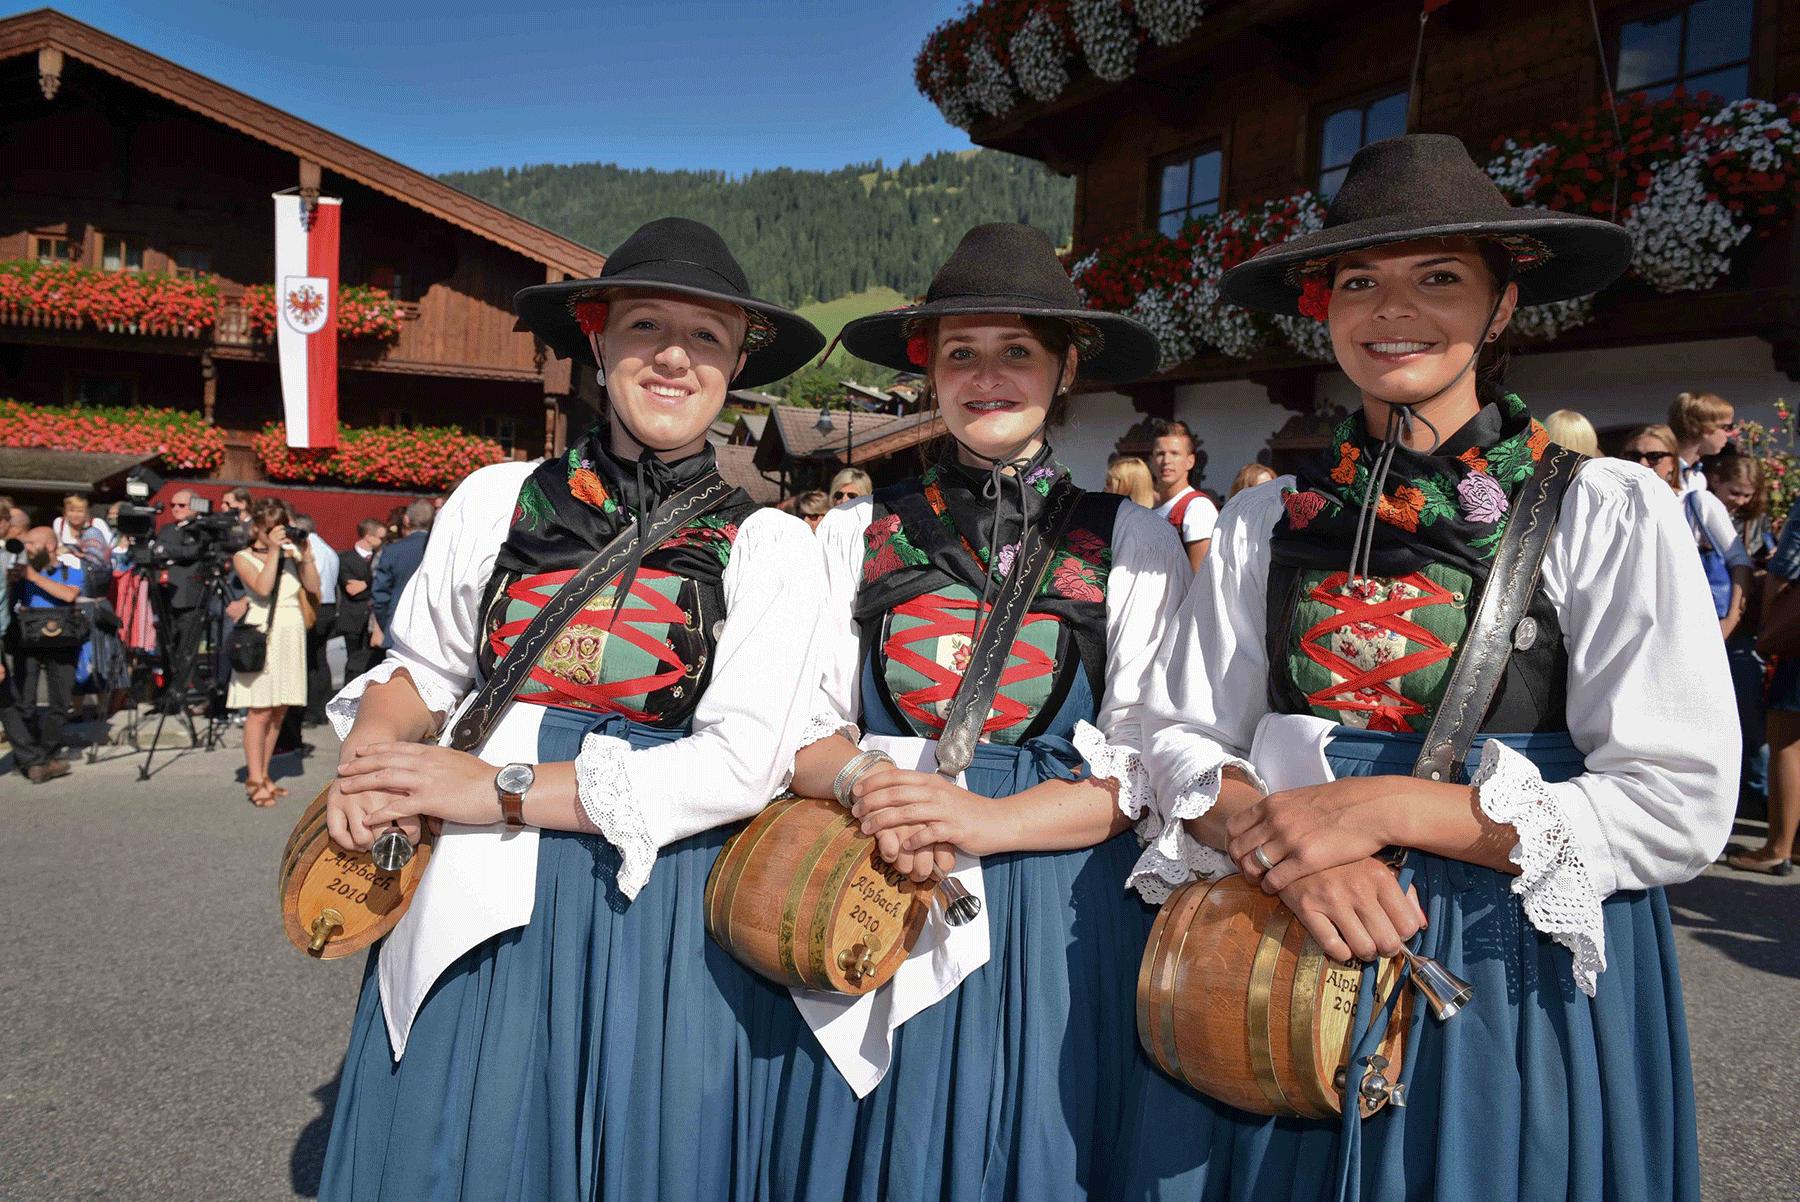 Alpbacher Dorffest im Sommerurlaub in Alpbach im Alpbachtal erleben